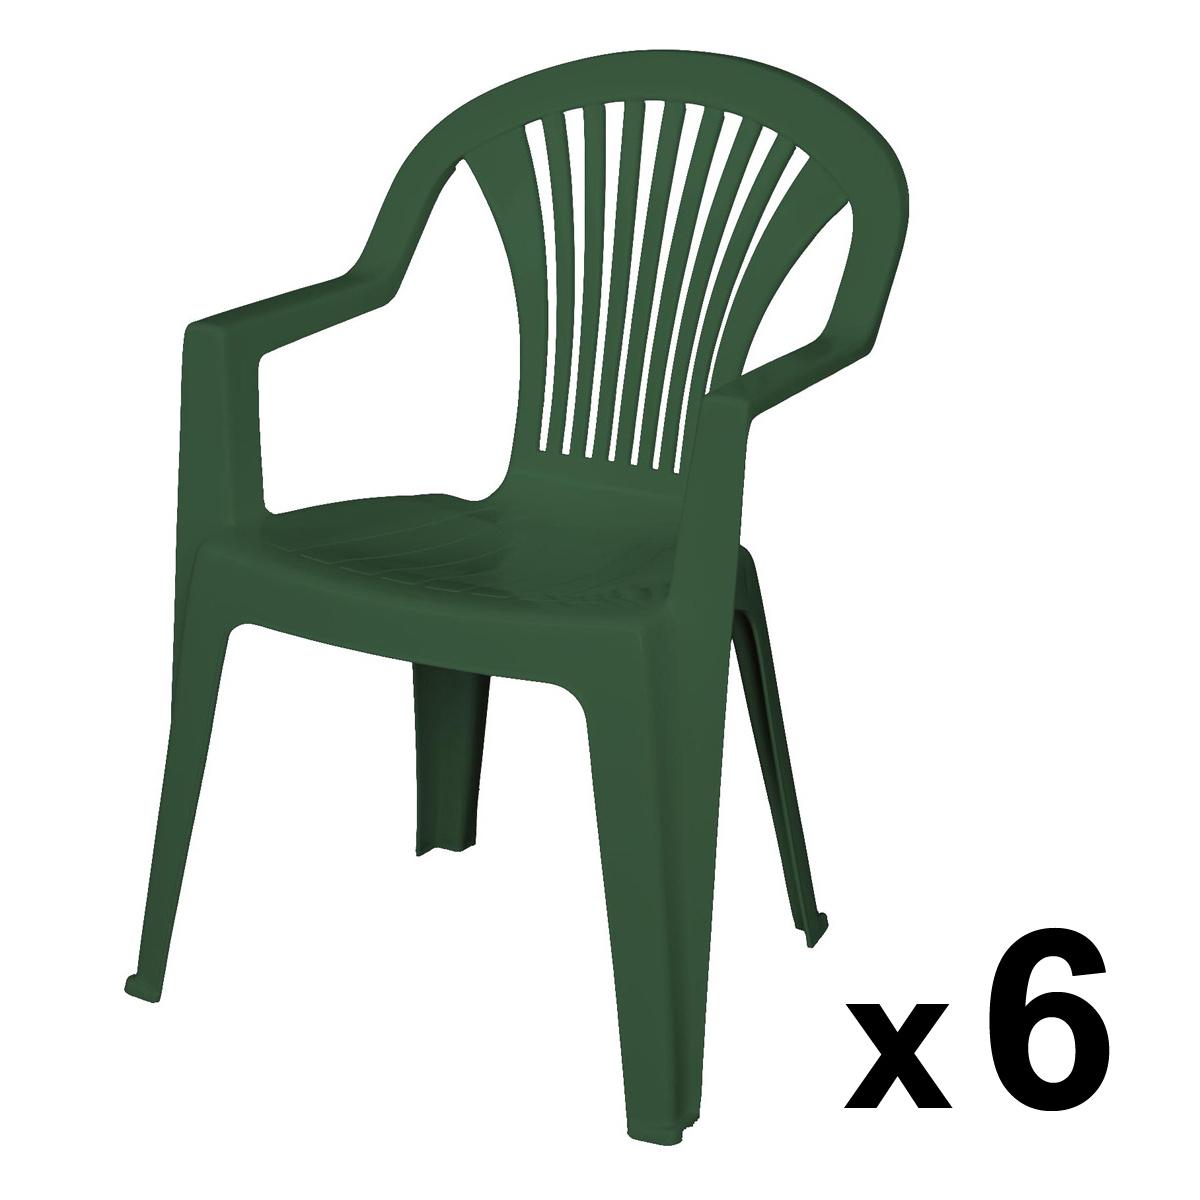 Chaise De Salon De Jardin En Plastique Vert - Mailleraye tout Salon De Jardin Pas Cher En Plastique